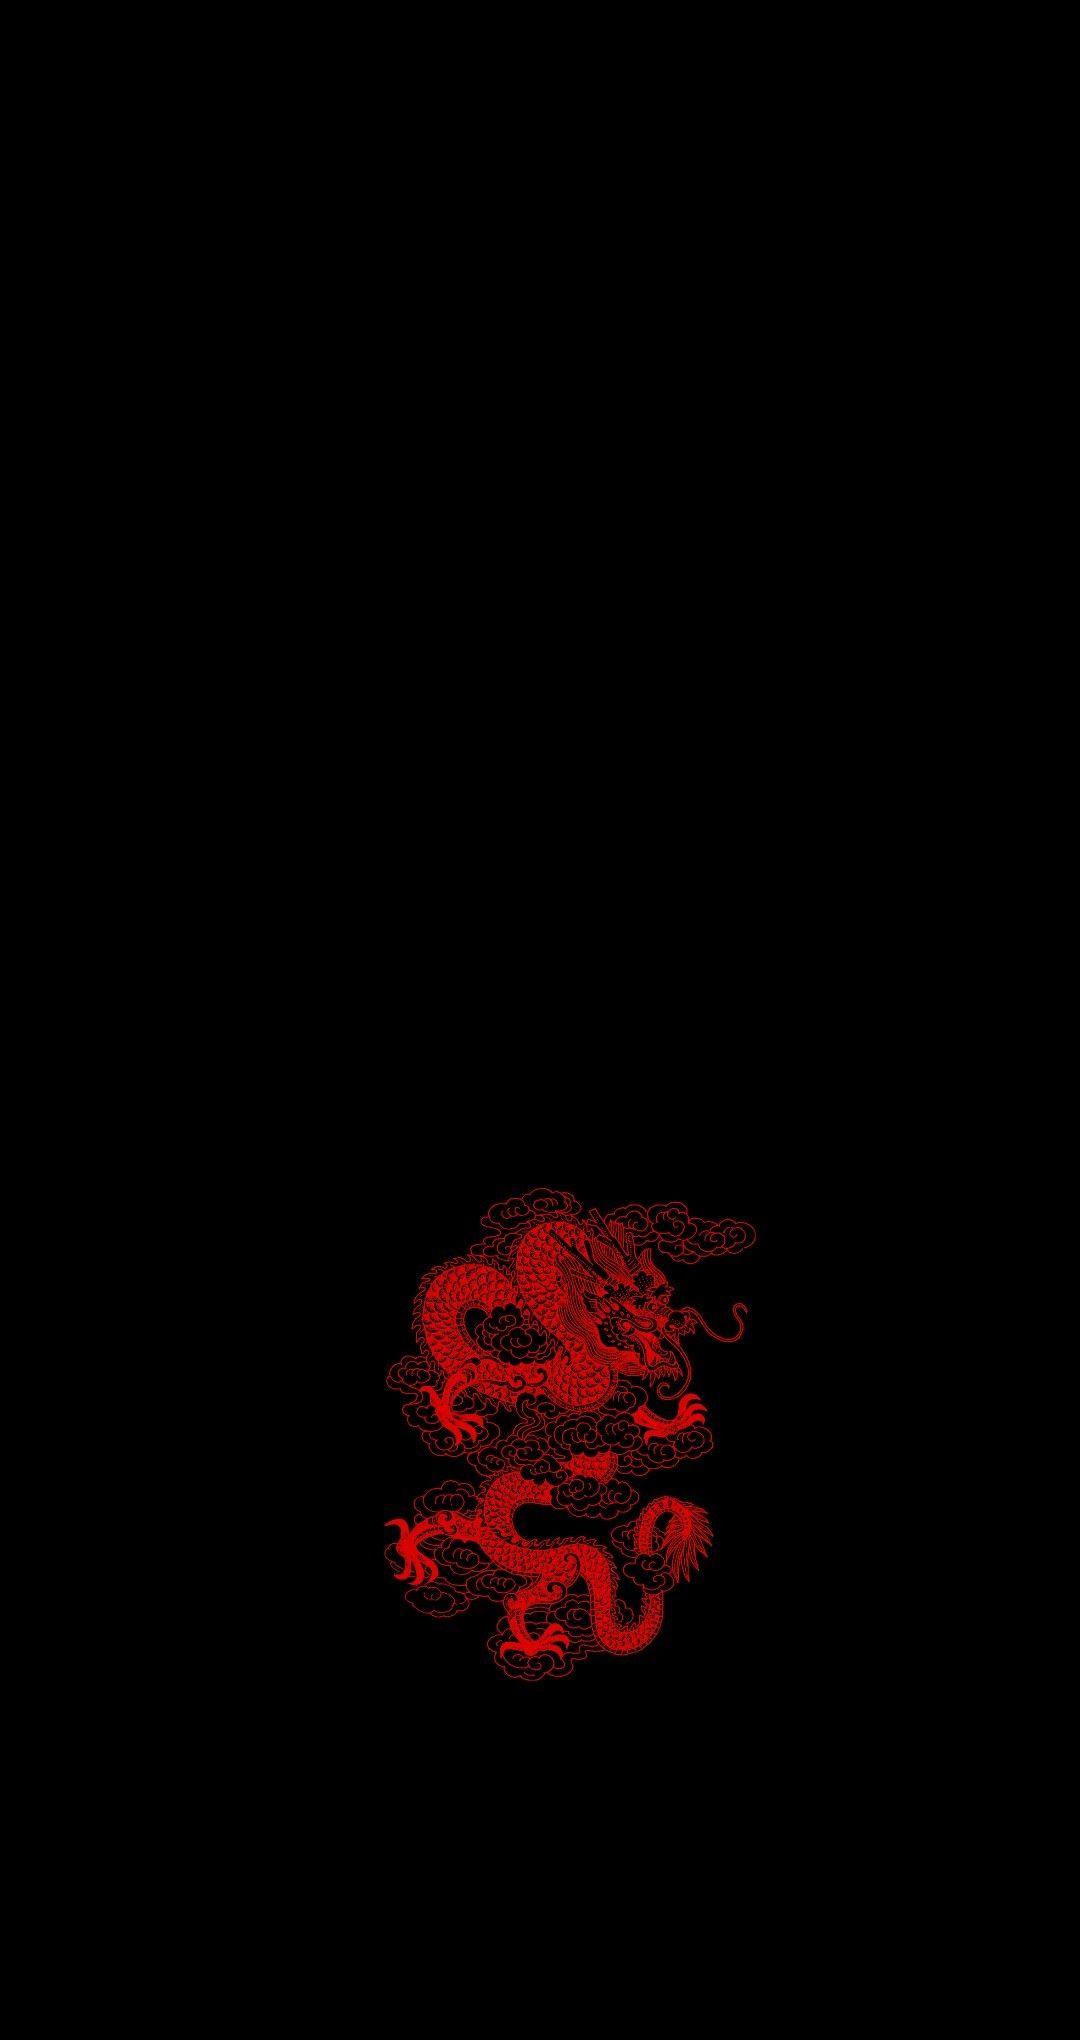 Image Result For Black And Red Japanese Art Japan Flag Flag Art Japanese Flag